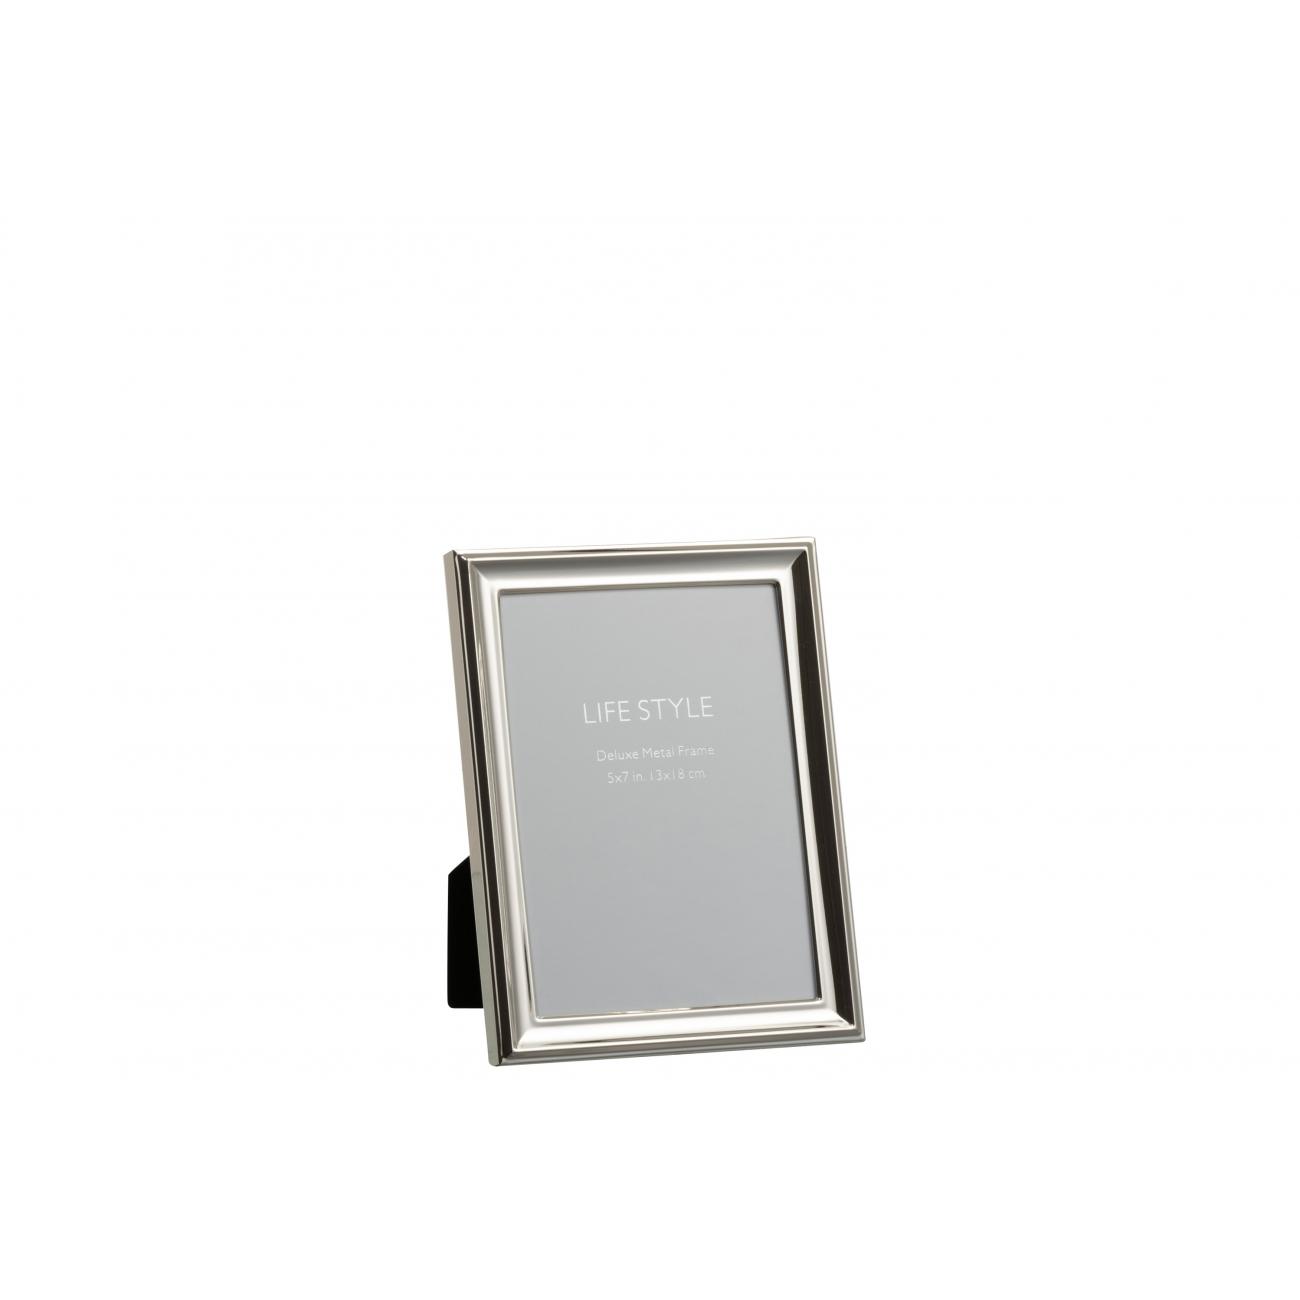 Фоторамка J-LINE металлическая классическая серебристая 13х18 см Бельгия